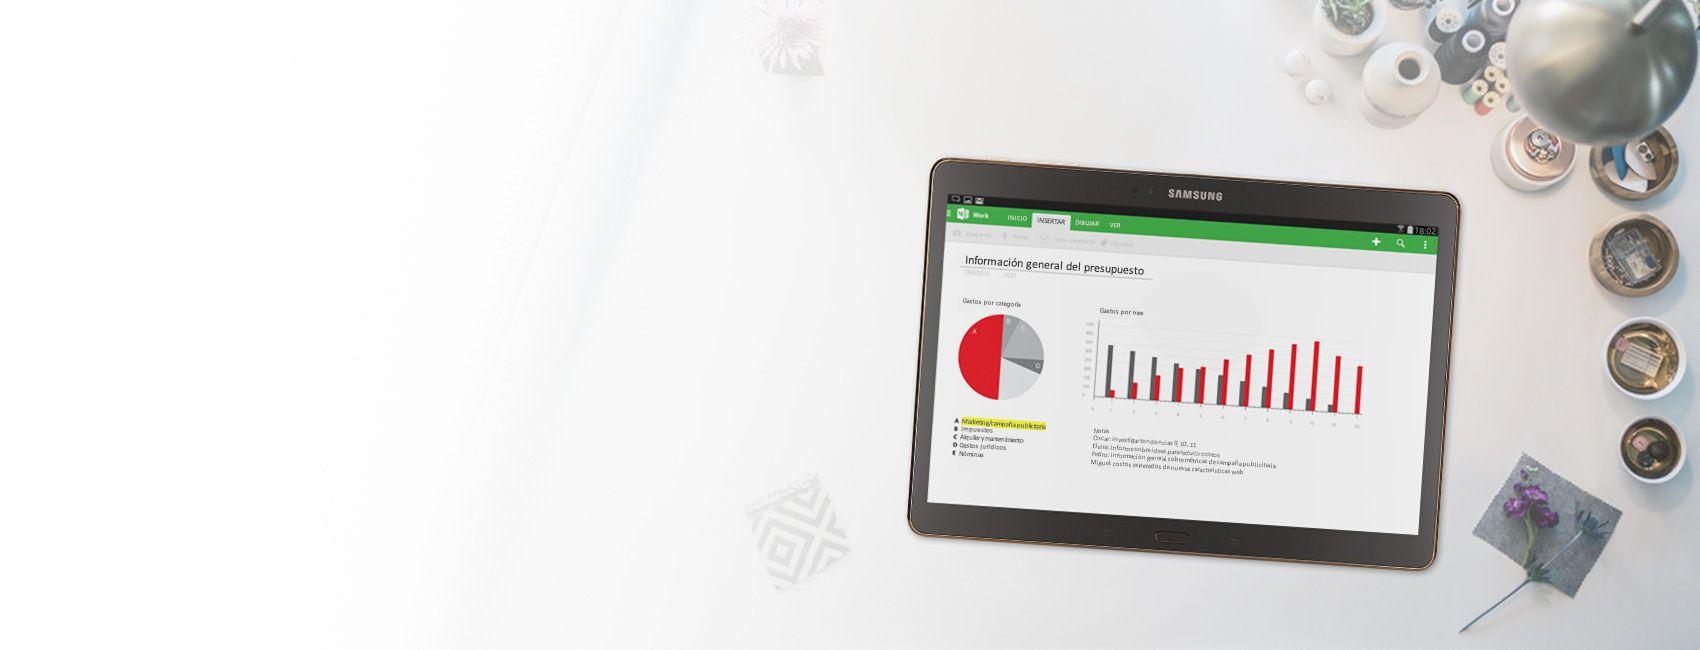 Una tableta con diagramas y gráficos de visión general de presupuesto en un bloc de notas de OneNote